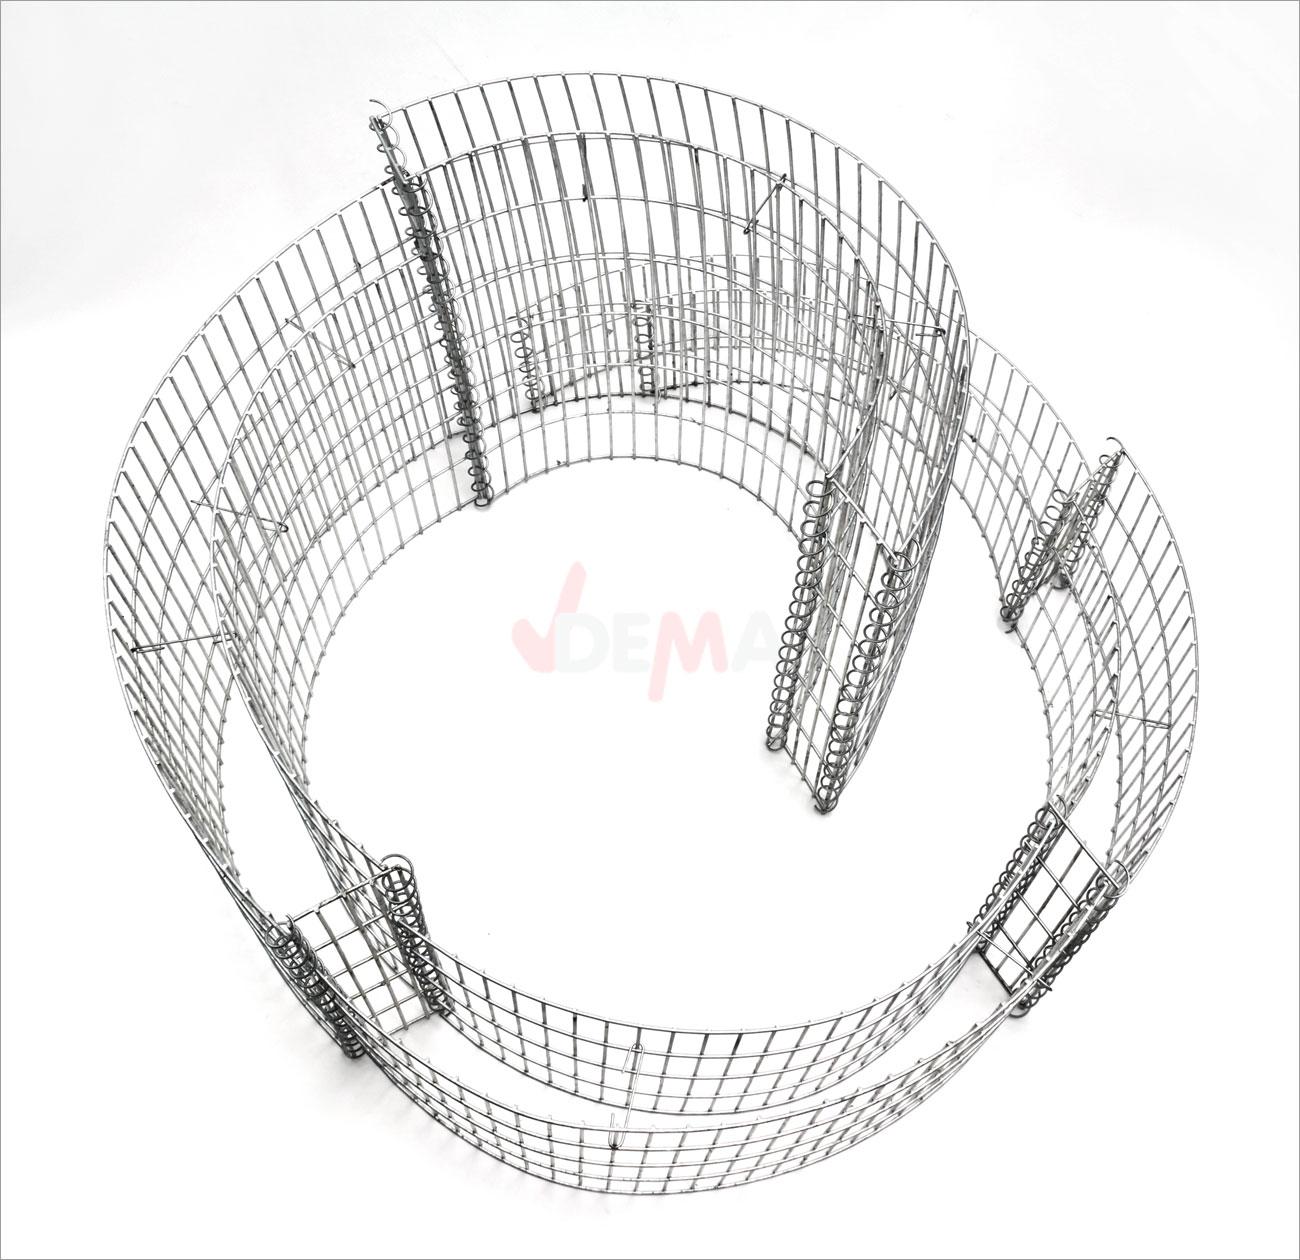 gabione kr uterspirale kr uterschnecke hochbeet kr uter pflanzen garte 918489 ebay. Black Bedroom Furniture Sets. Home Design Ideas